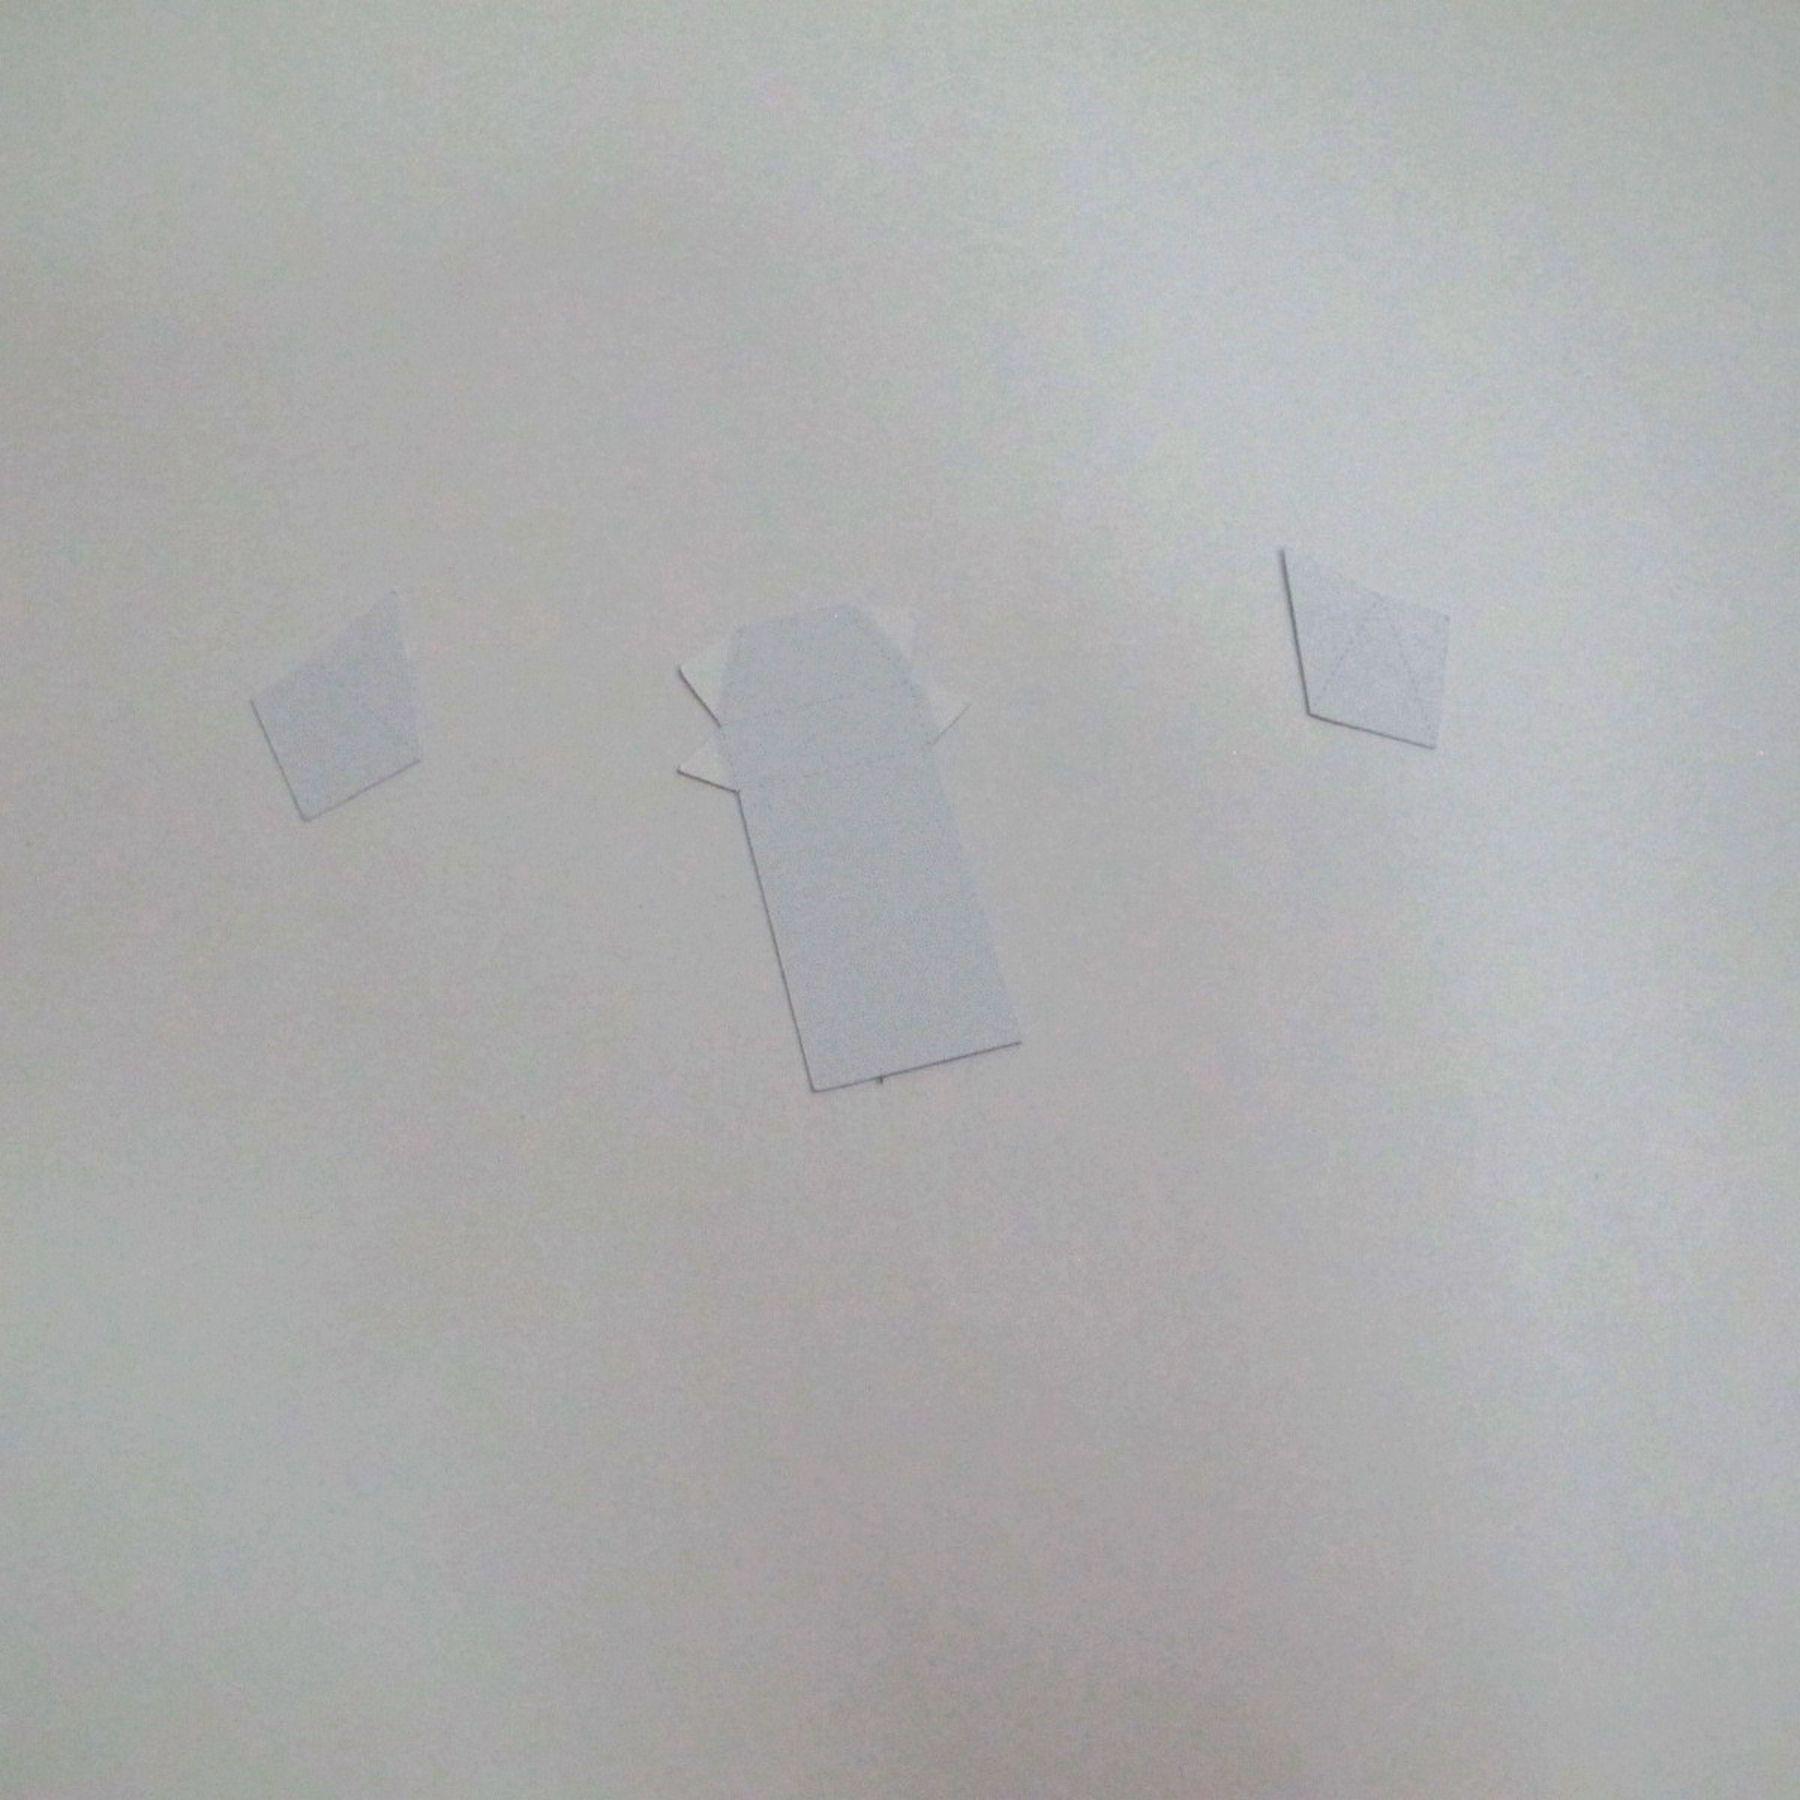 วิธีทำของเล่นโมเดลกระดาษ วูฟเวอรีน (Chibi Wolverine Papercraft Model) 018